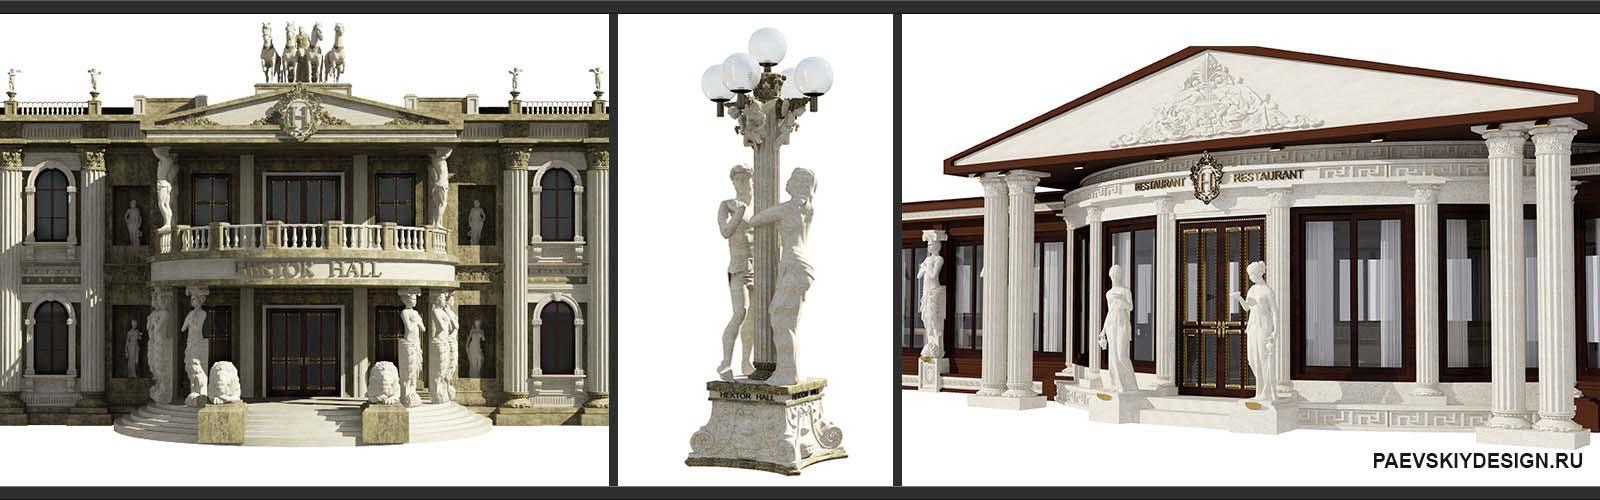 Оформление экстерьера зданий, строений, сооружений в античном стиле